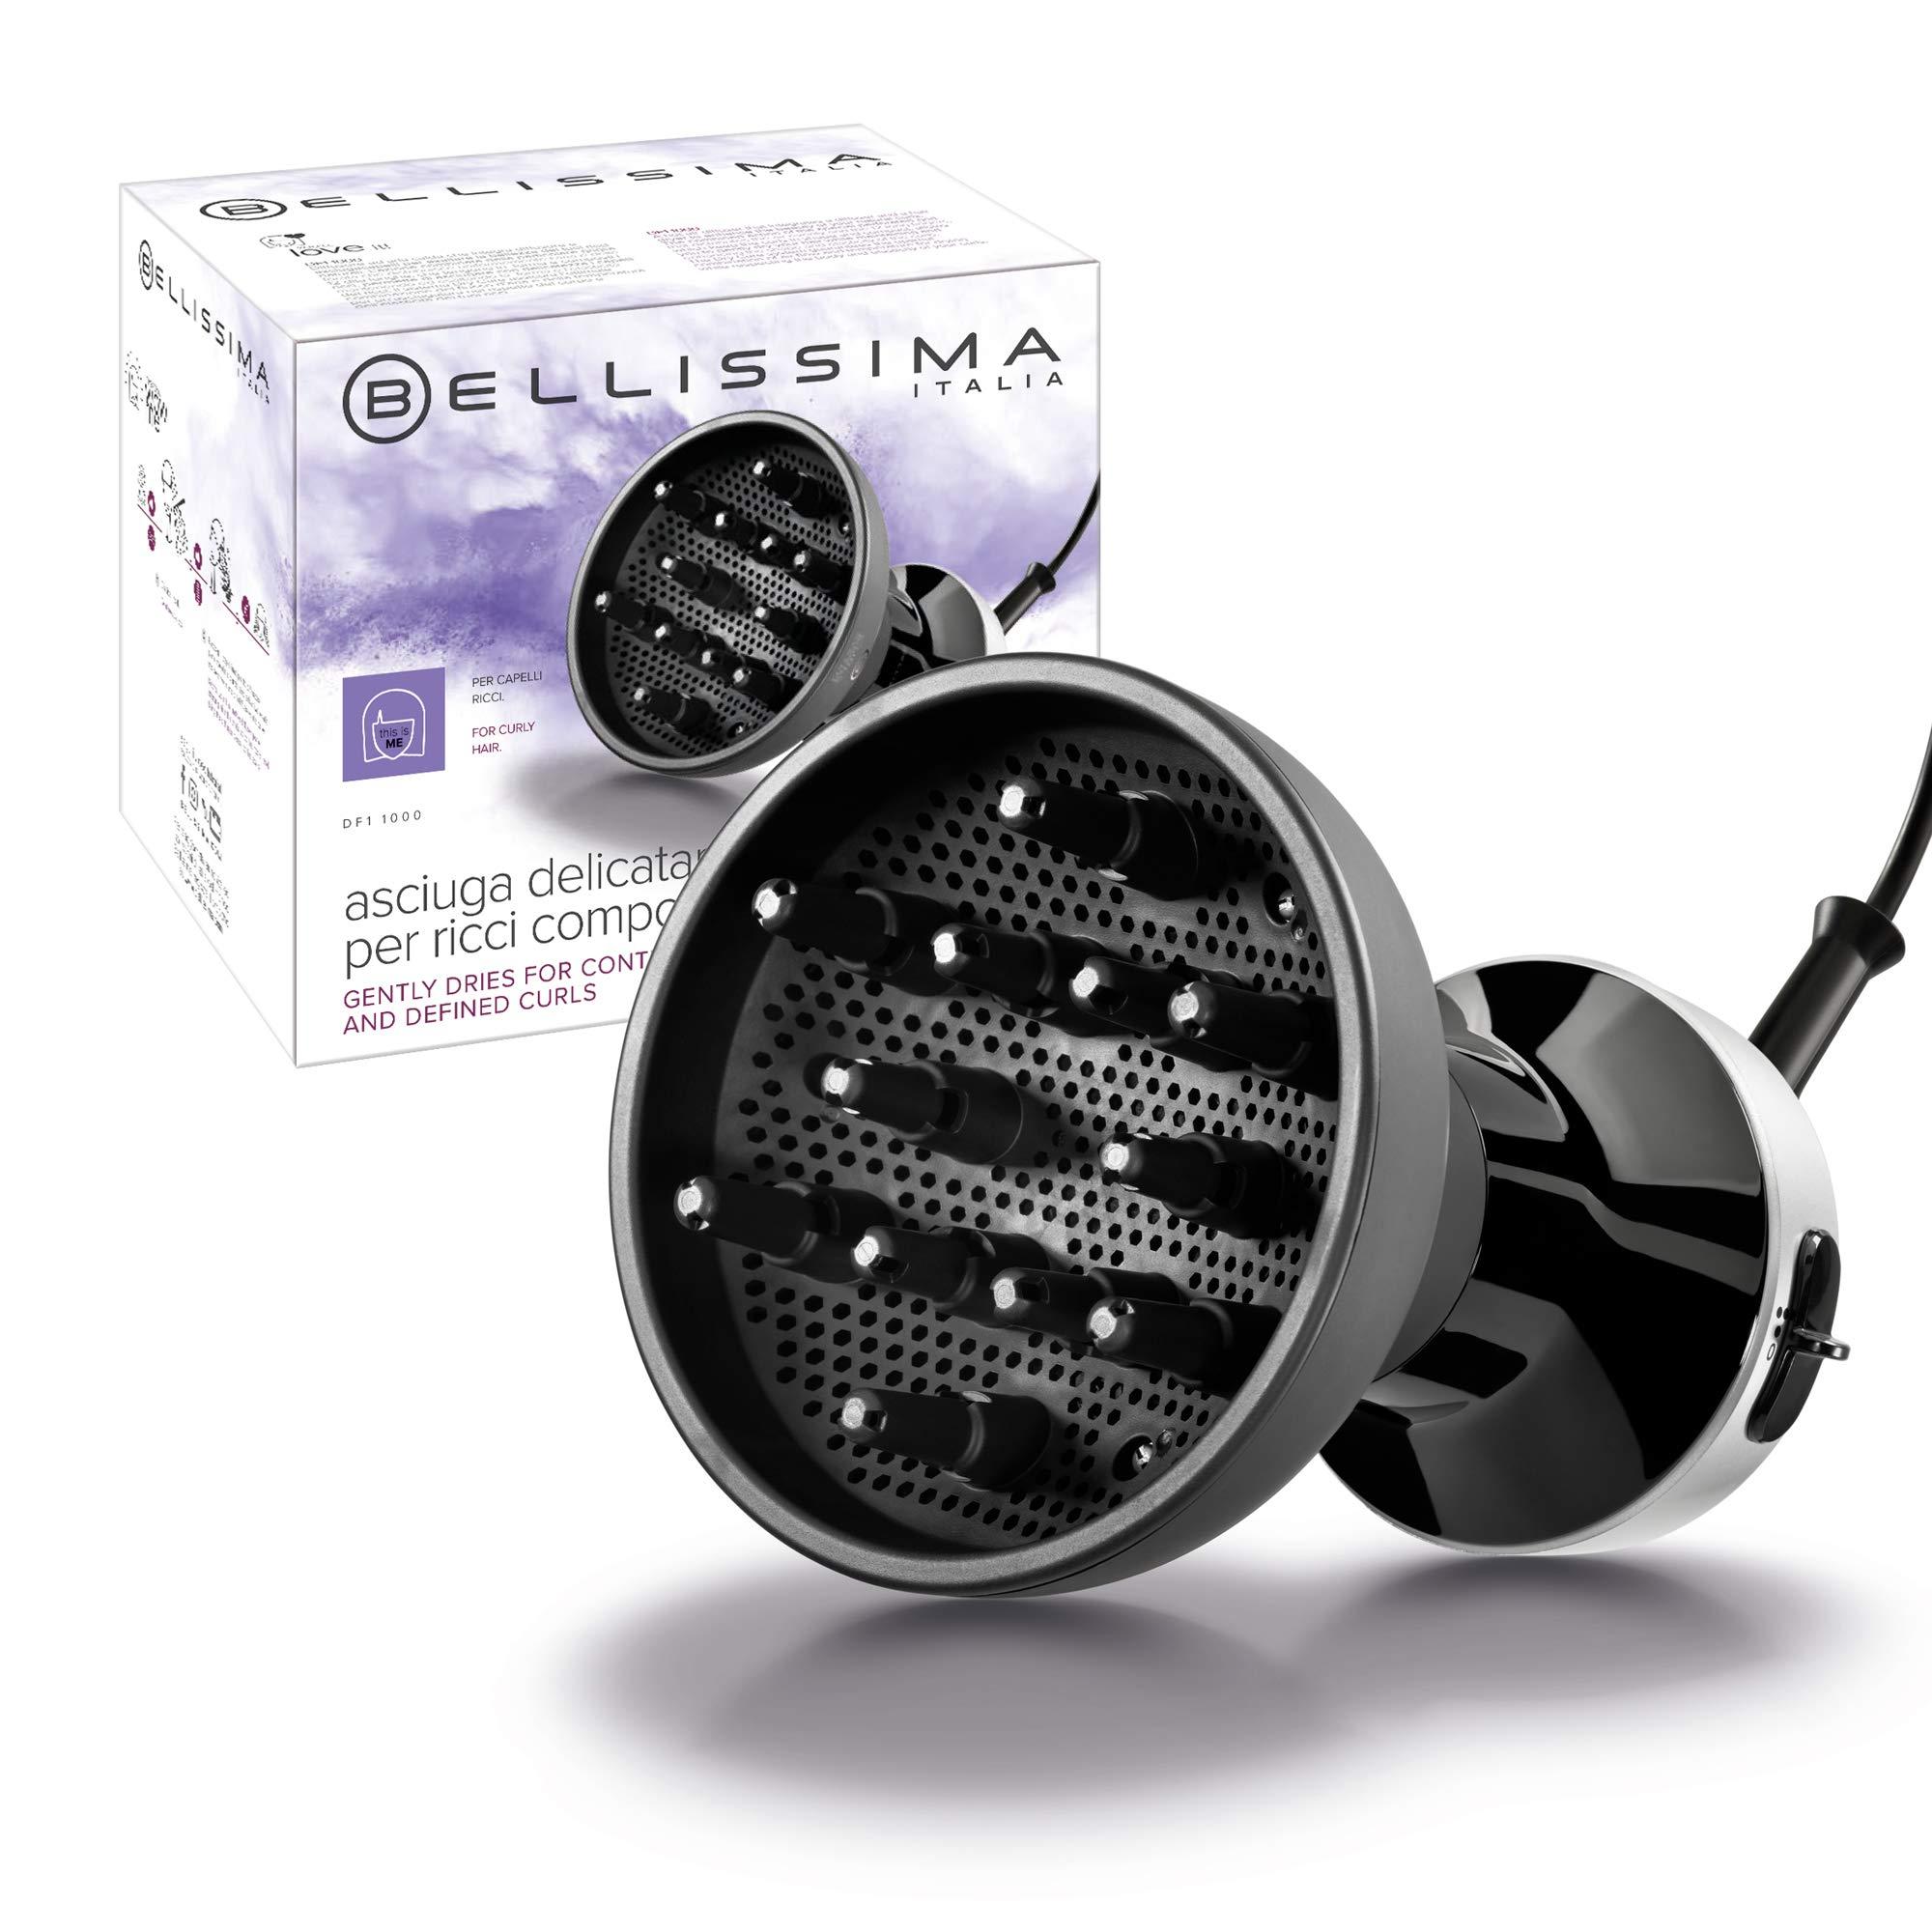 Imetec Bellissima Diffon DF1 1000 Difusor de Aire Caliente para Cabello Rizado, 700 W, 2 Combinaciones Aire,Temperatura, Secado Delicado, Rizos Definidos sin Efecto Encrespado, negro